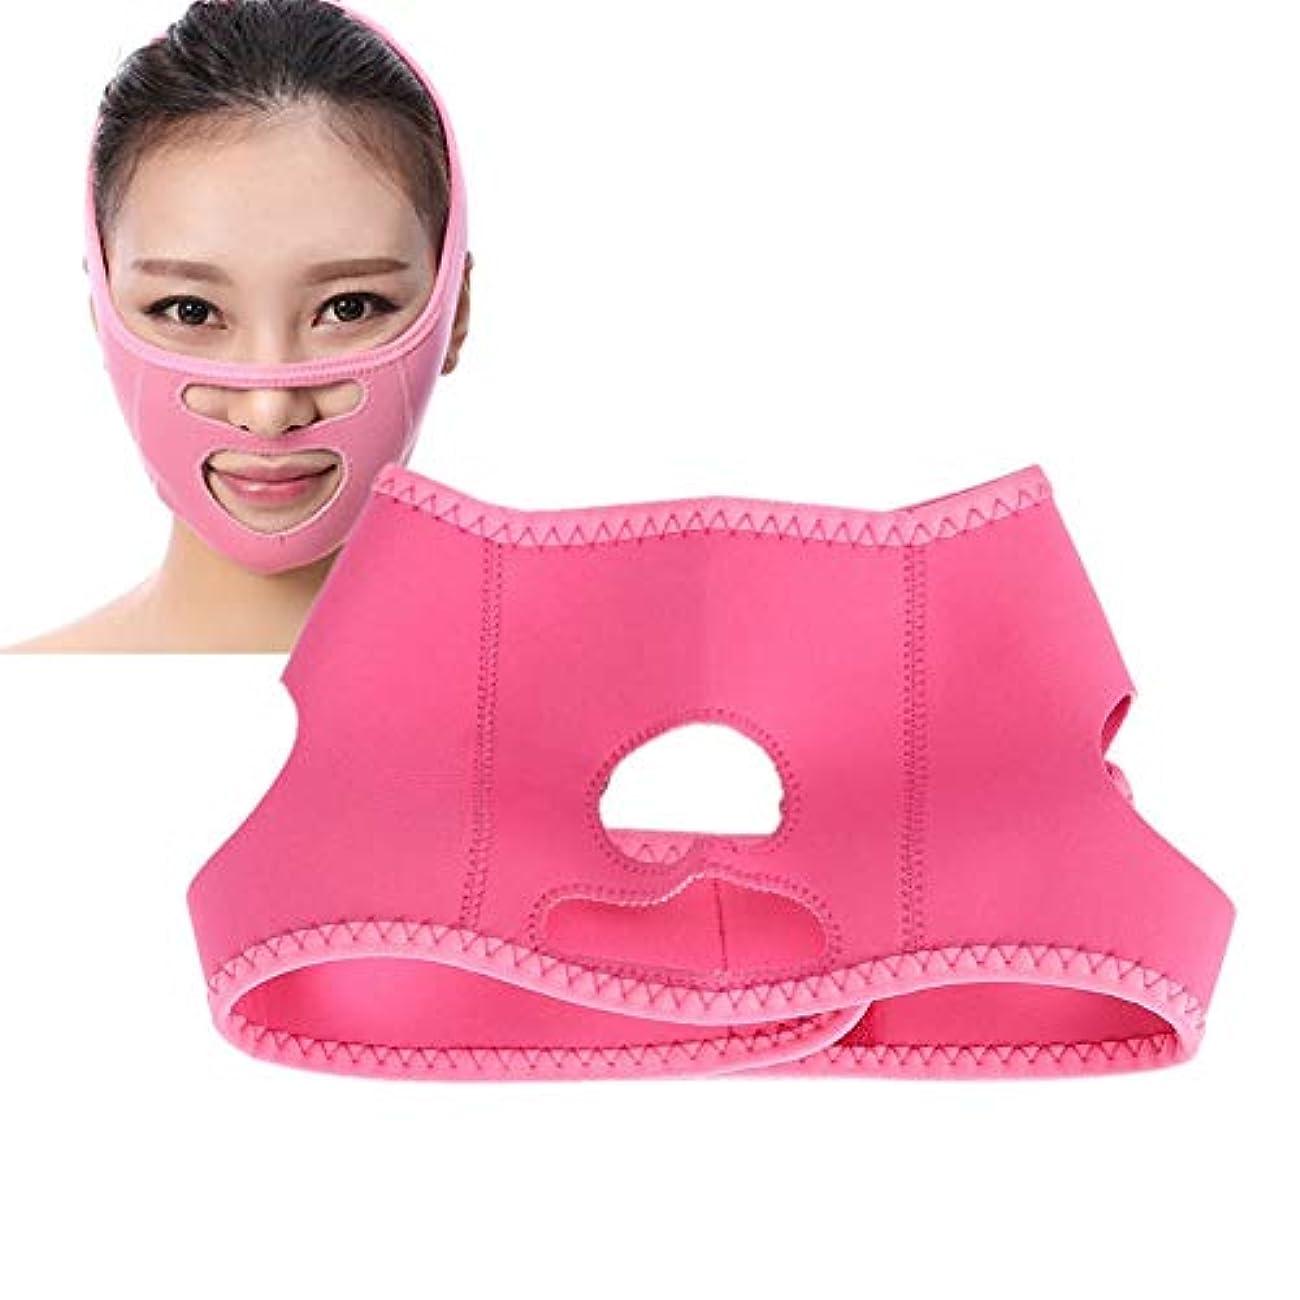 レクリエーションジュース整然としたフェイスマスク 低反発素材 通気 小顔 矯正 顔痩せ 筋肉弛緩 二重あご 補正ベルト